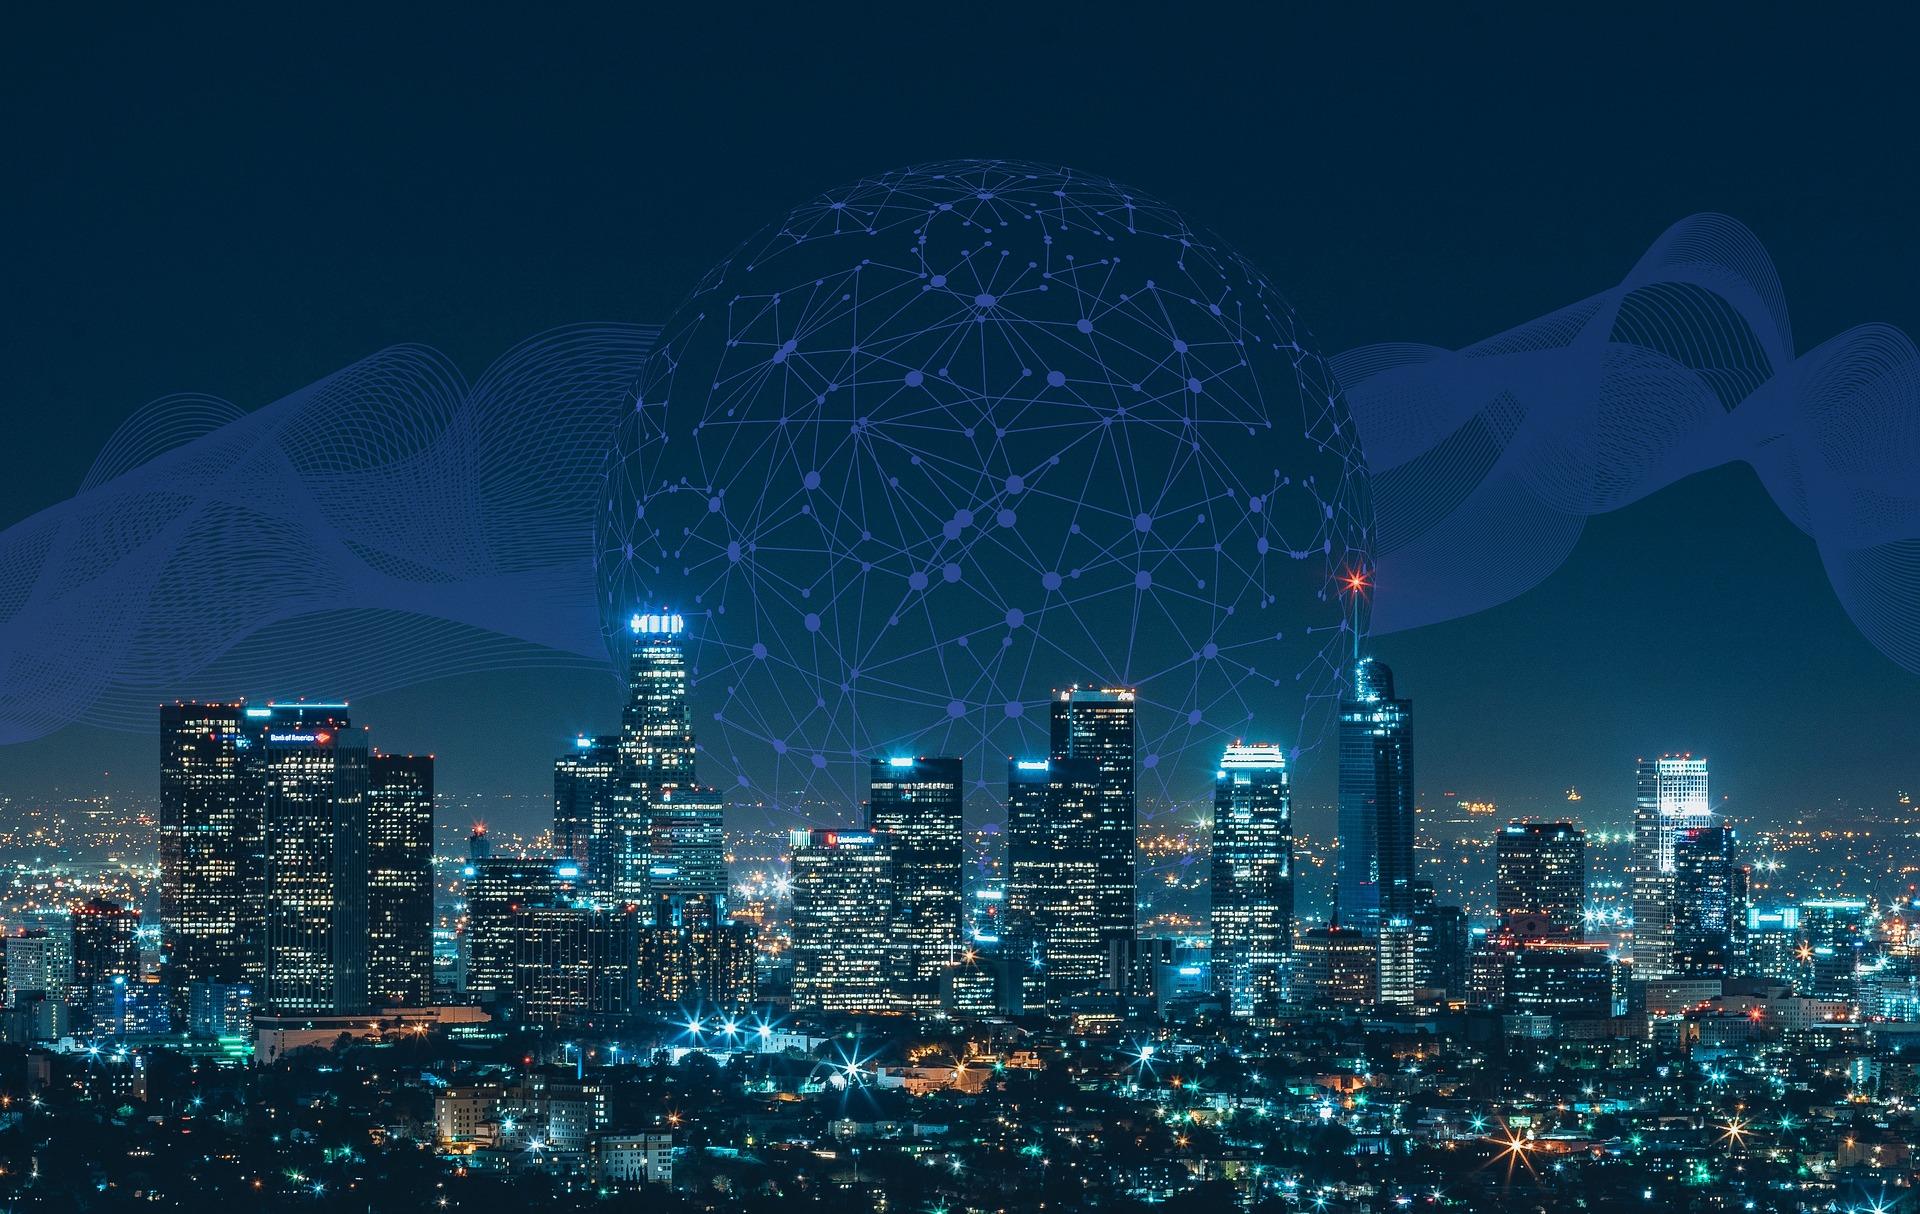 La Gestion intelligente des Bâtiments : Etape clef pour la ville du futur